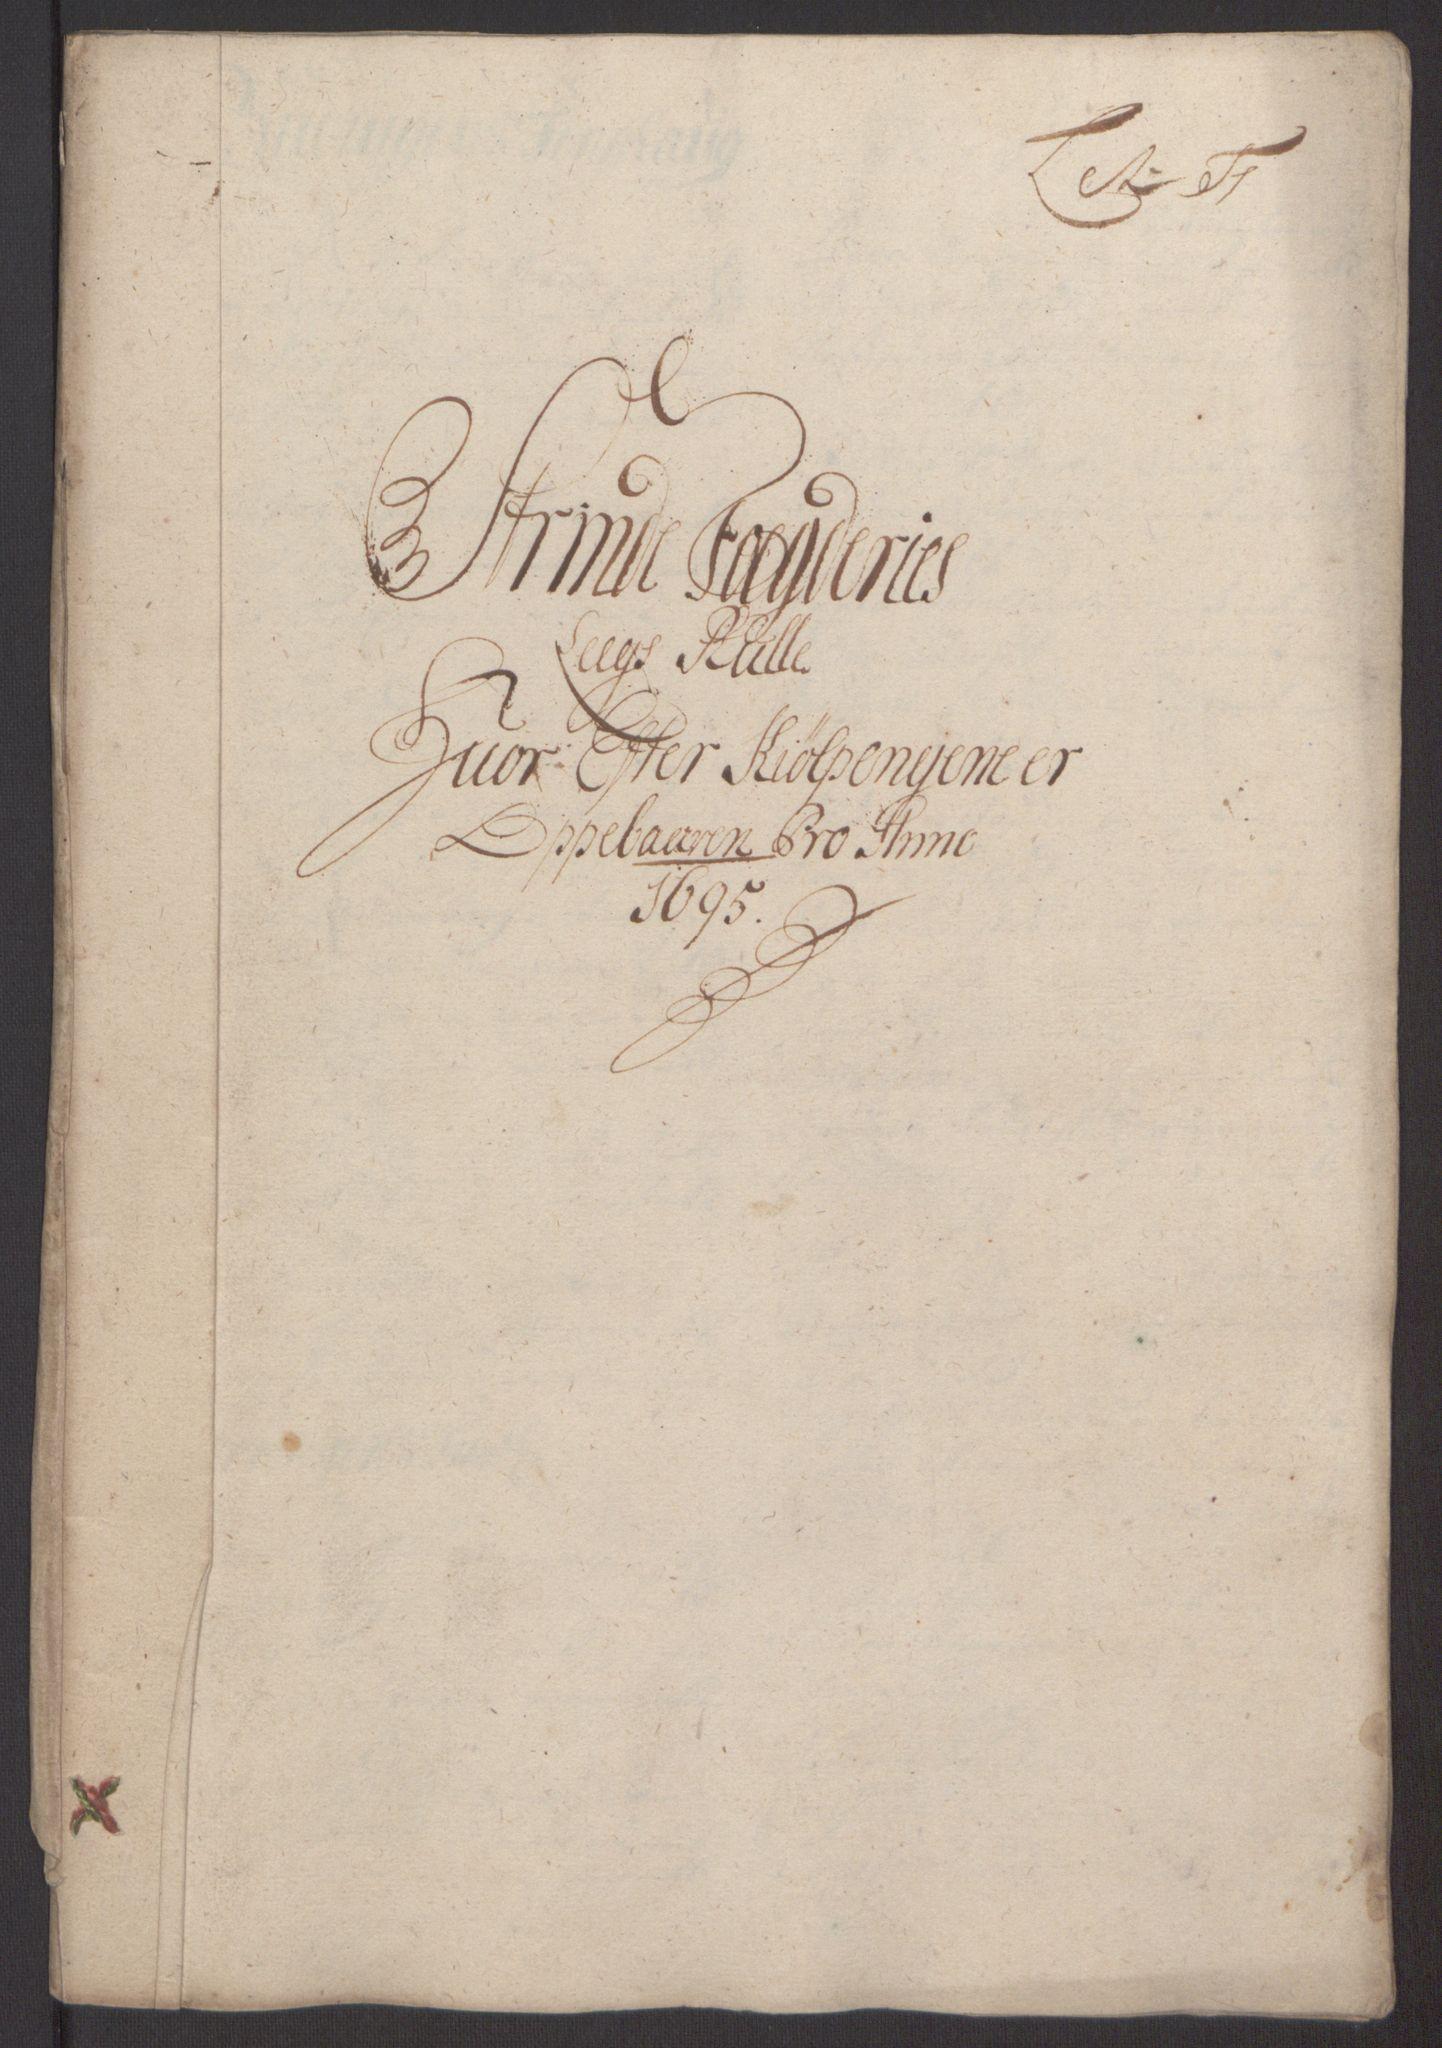 RA, Rentekammeret inntil 1814, Reviderte regnskaper, Fogderegnskap, R61/L4105: Fogderegnskap Strinda og Selbu, 1695, s. 49